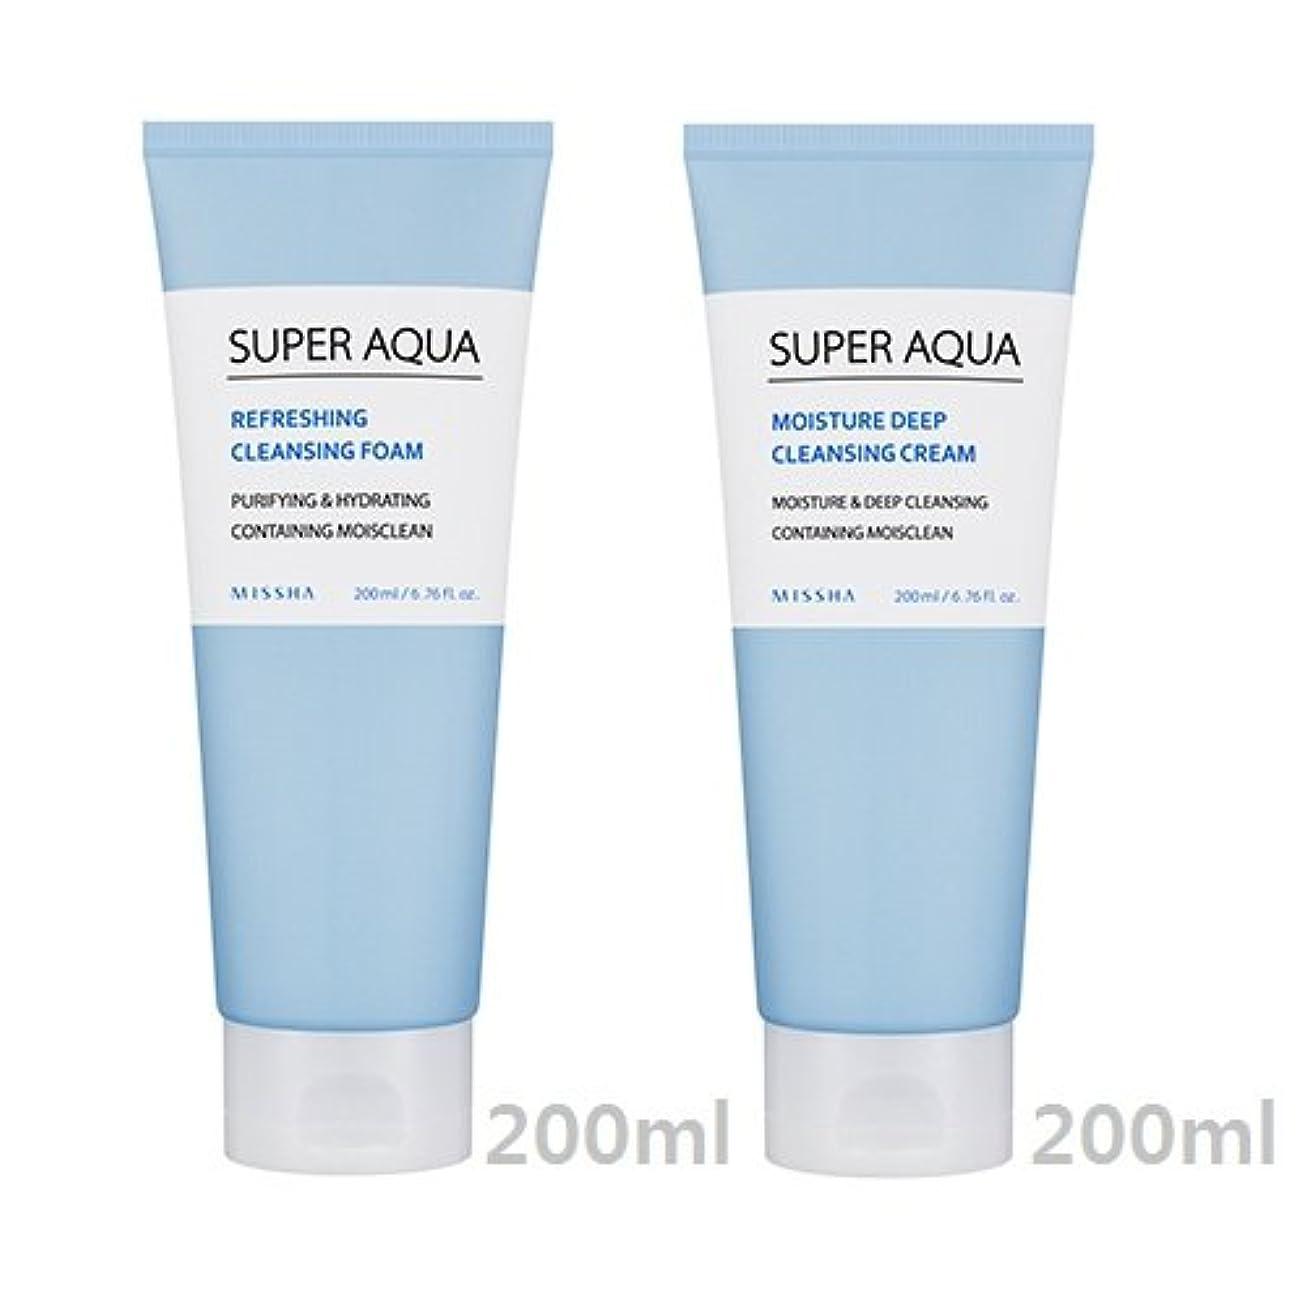 キロメートル恐れ重要な役割を果たす、中心的な手段となる[1+1] MISSHA Super Aqua Cleansing Cream + Foam/ミシャ スーパー アクア クレンジング クリーム + フォーム [並行輸入品]